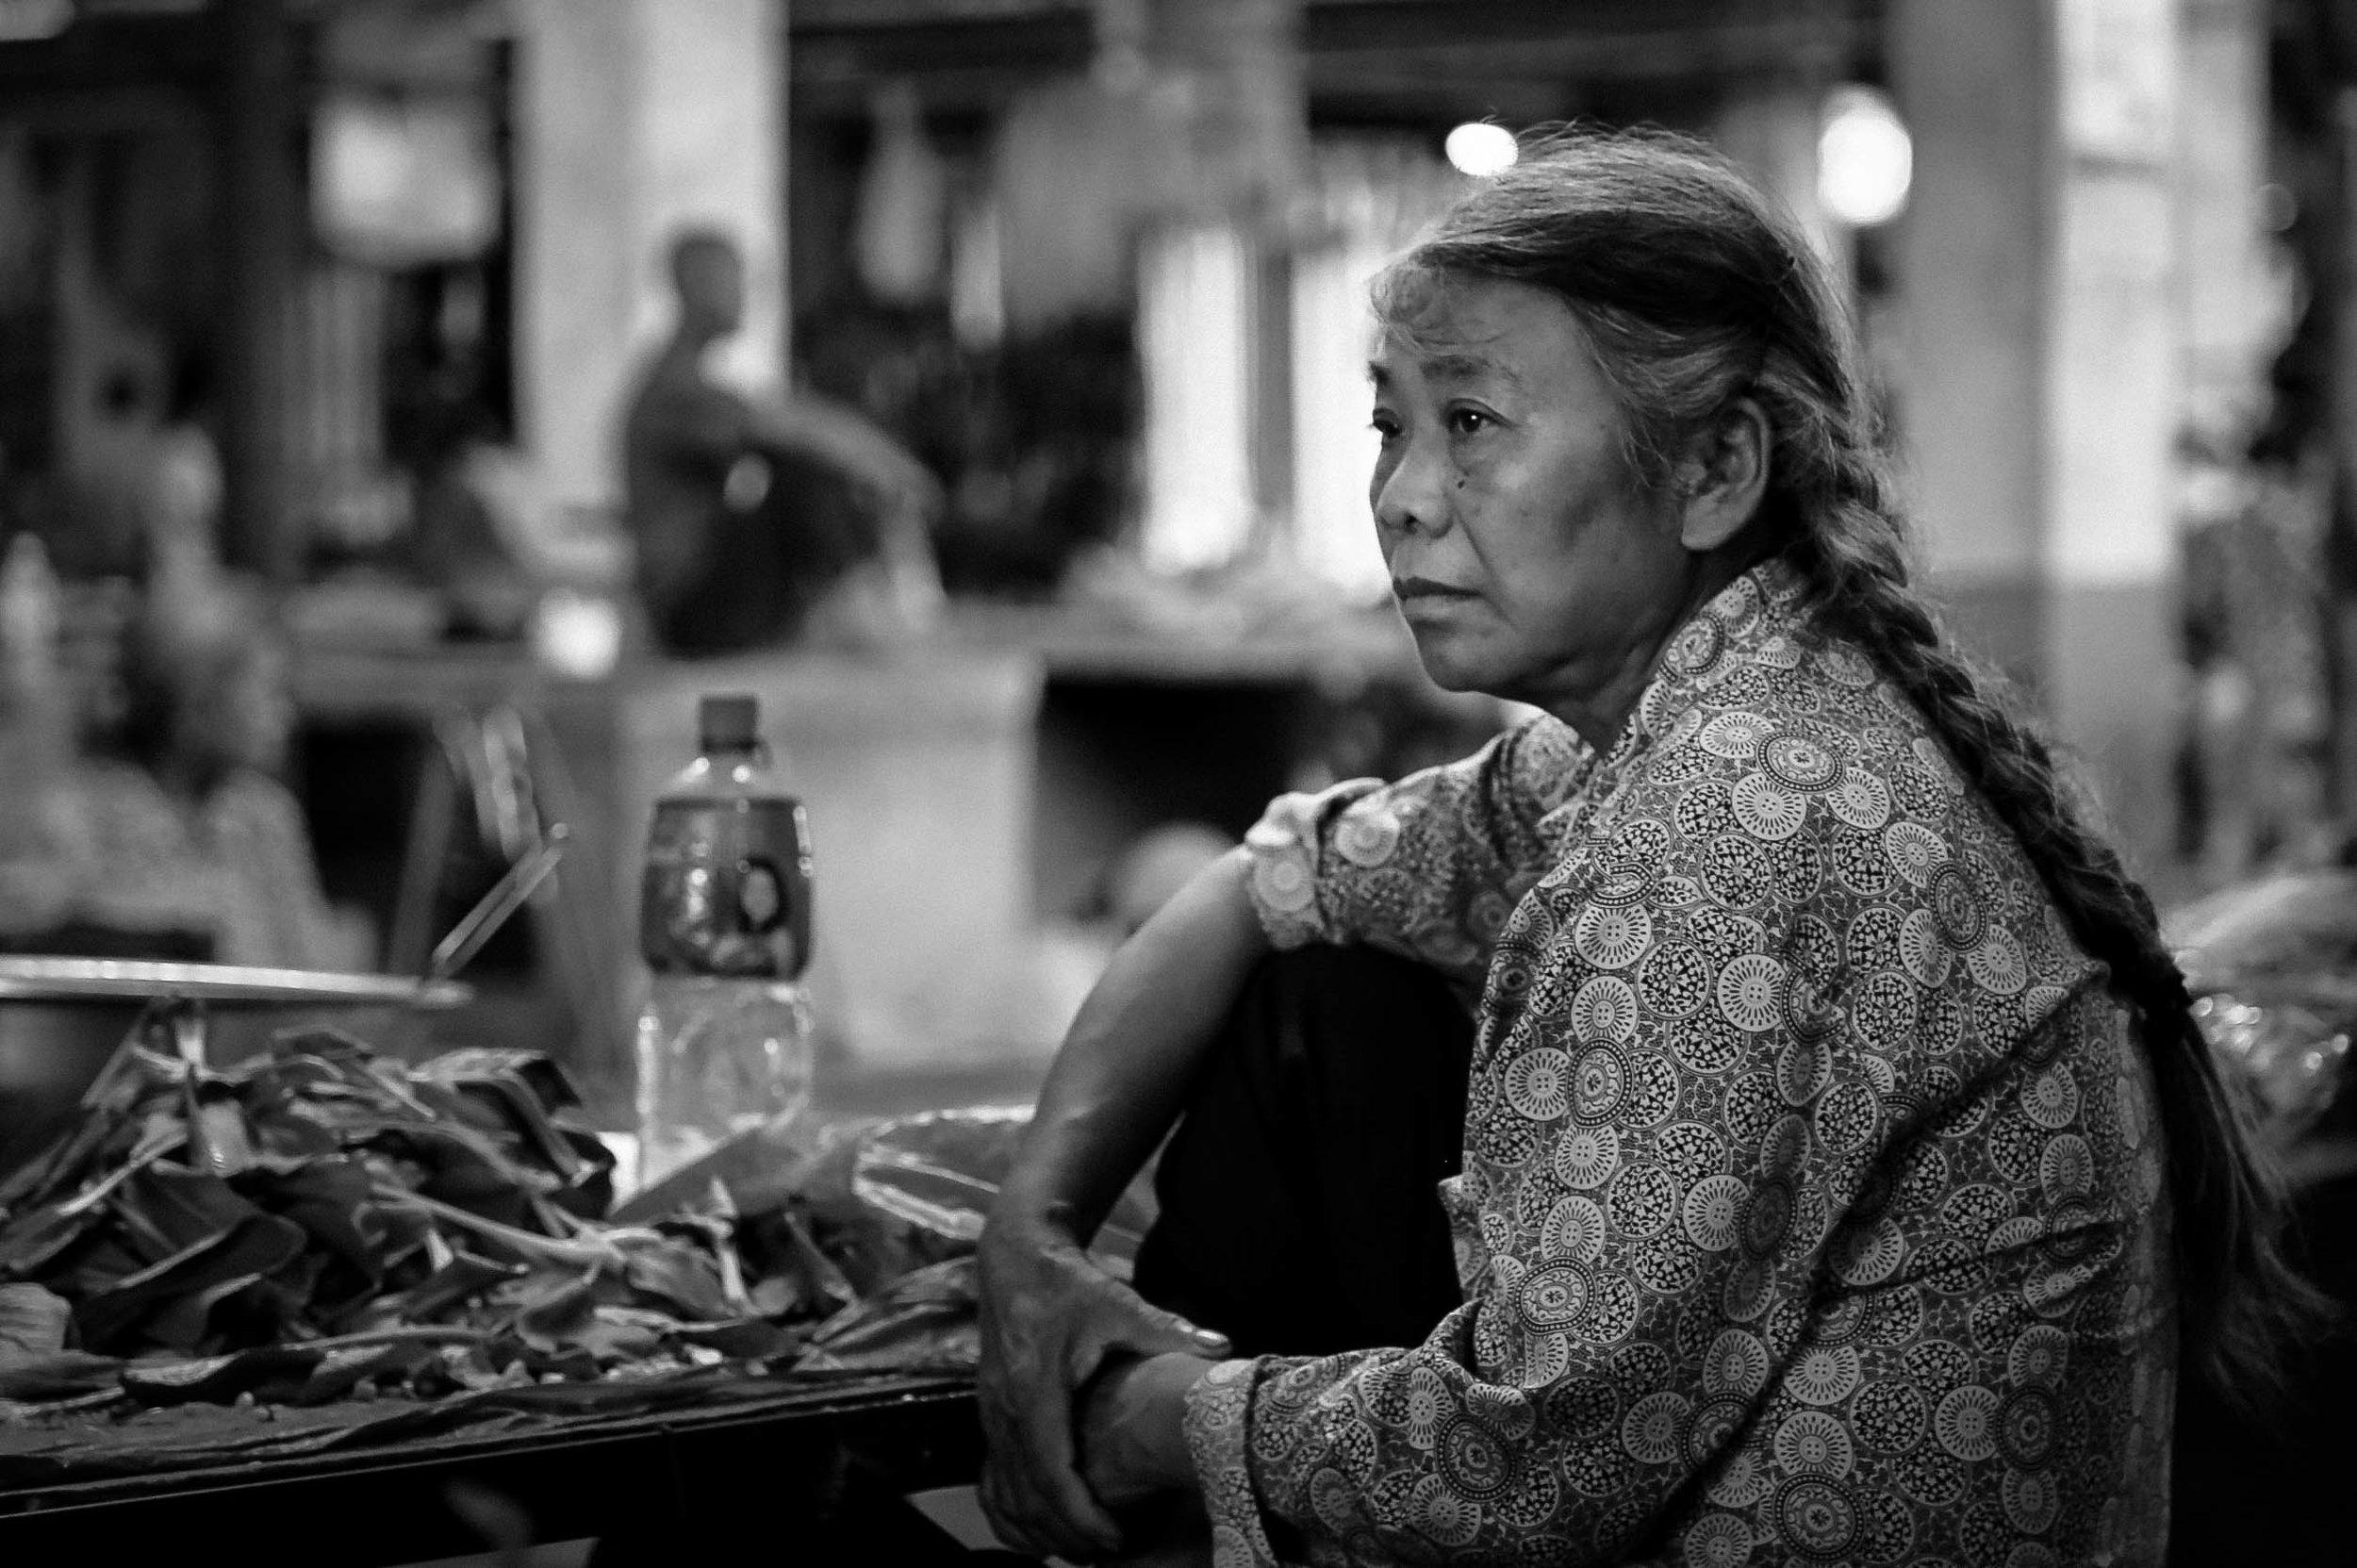 China, Baisha